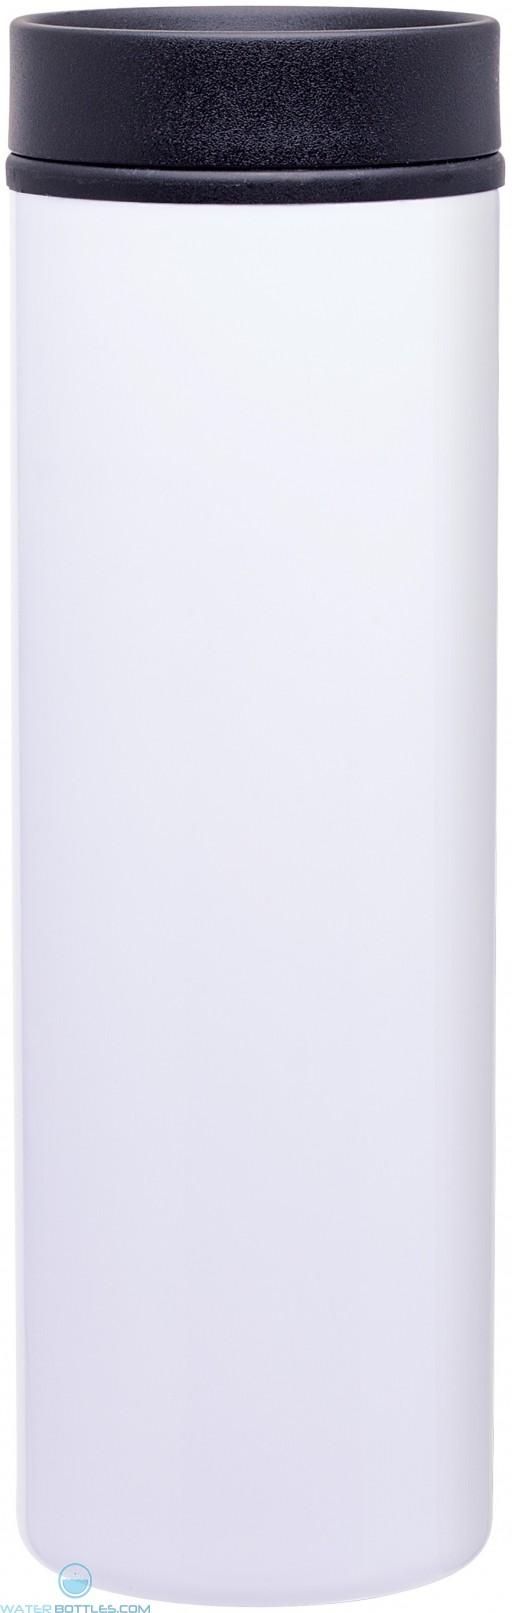 Montara Stainless Steel Tumblers   16 oz - White